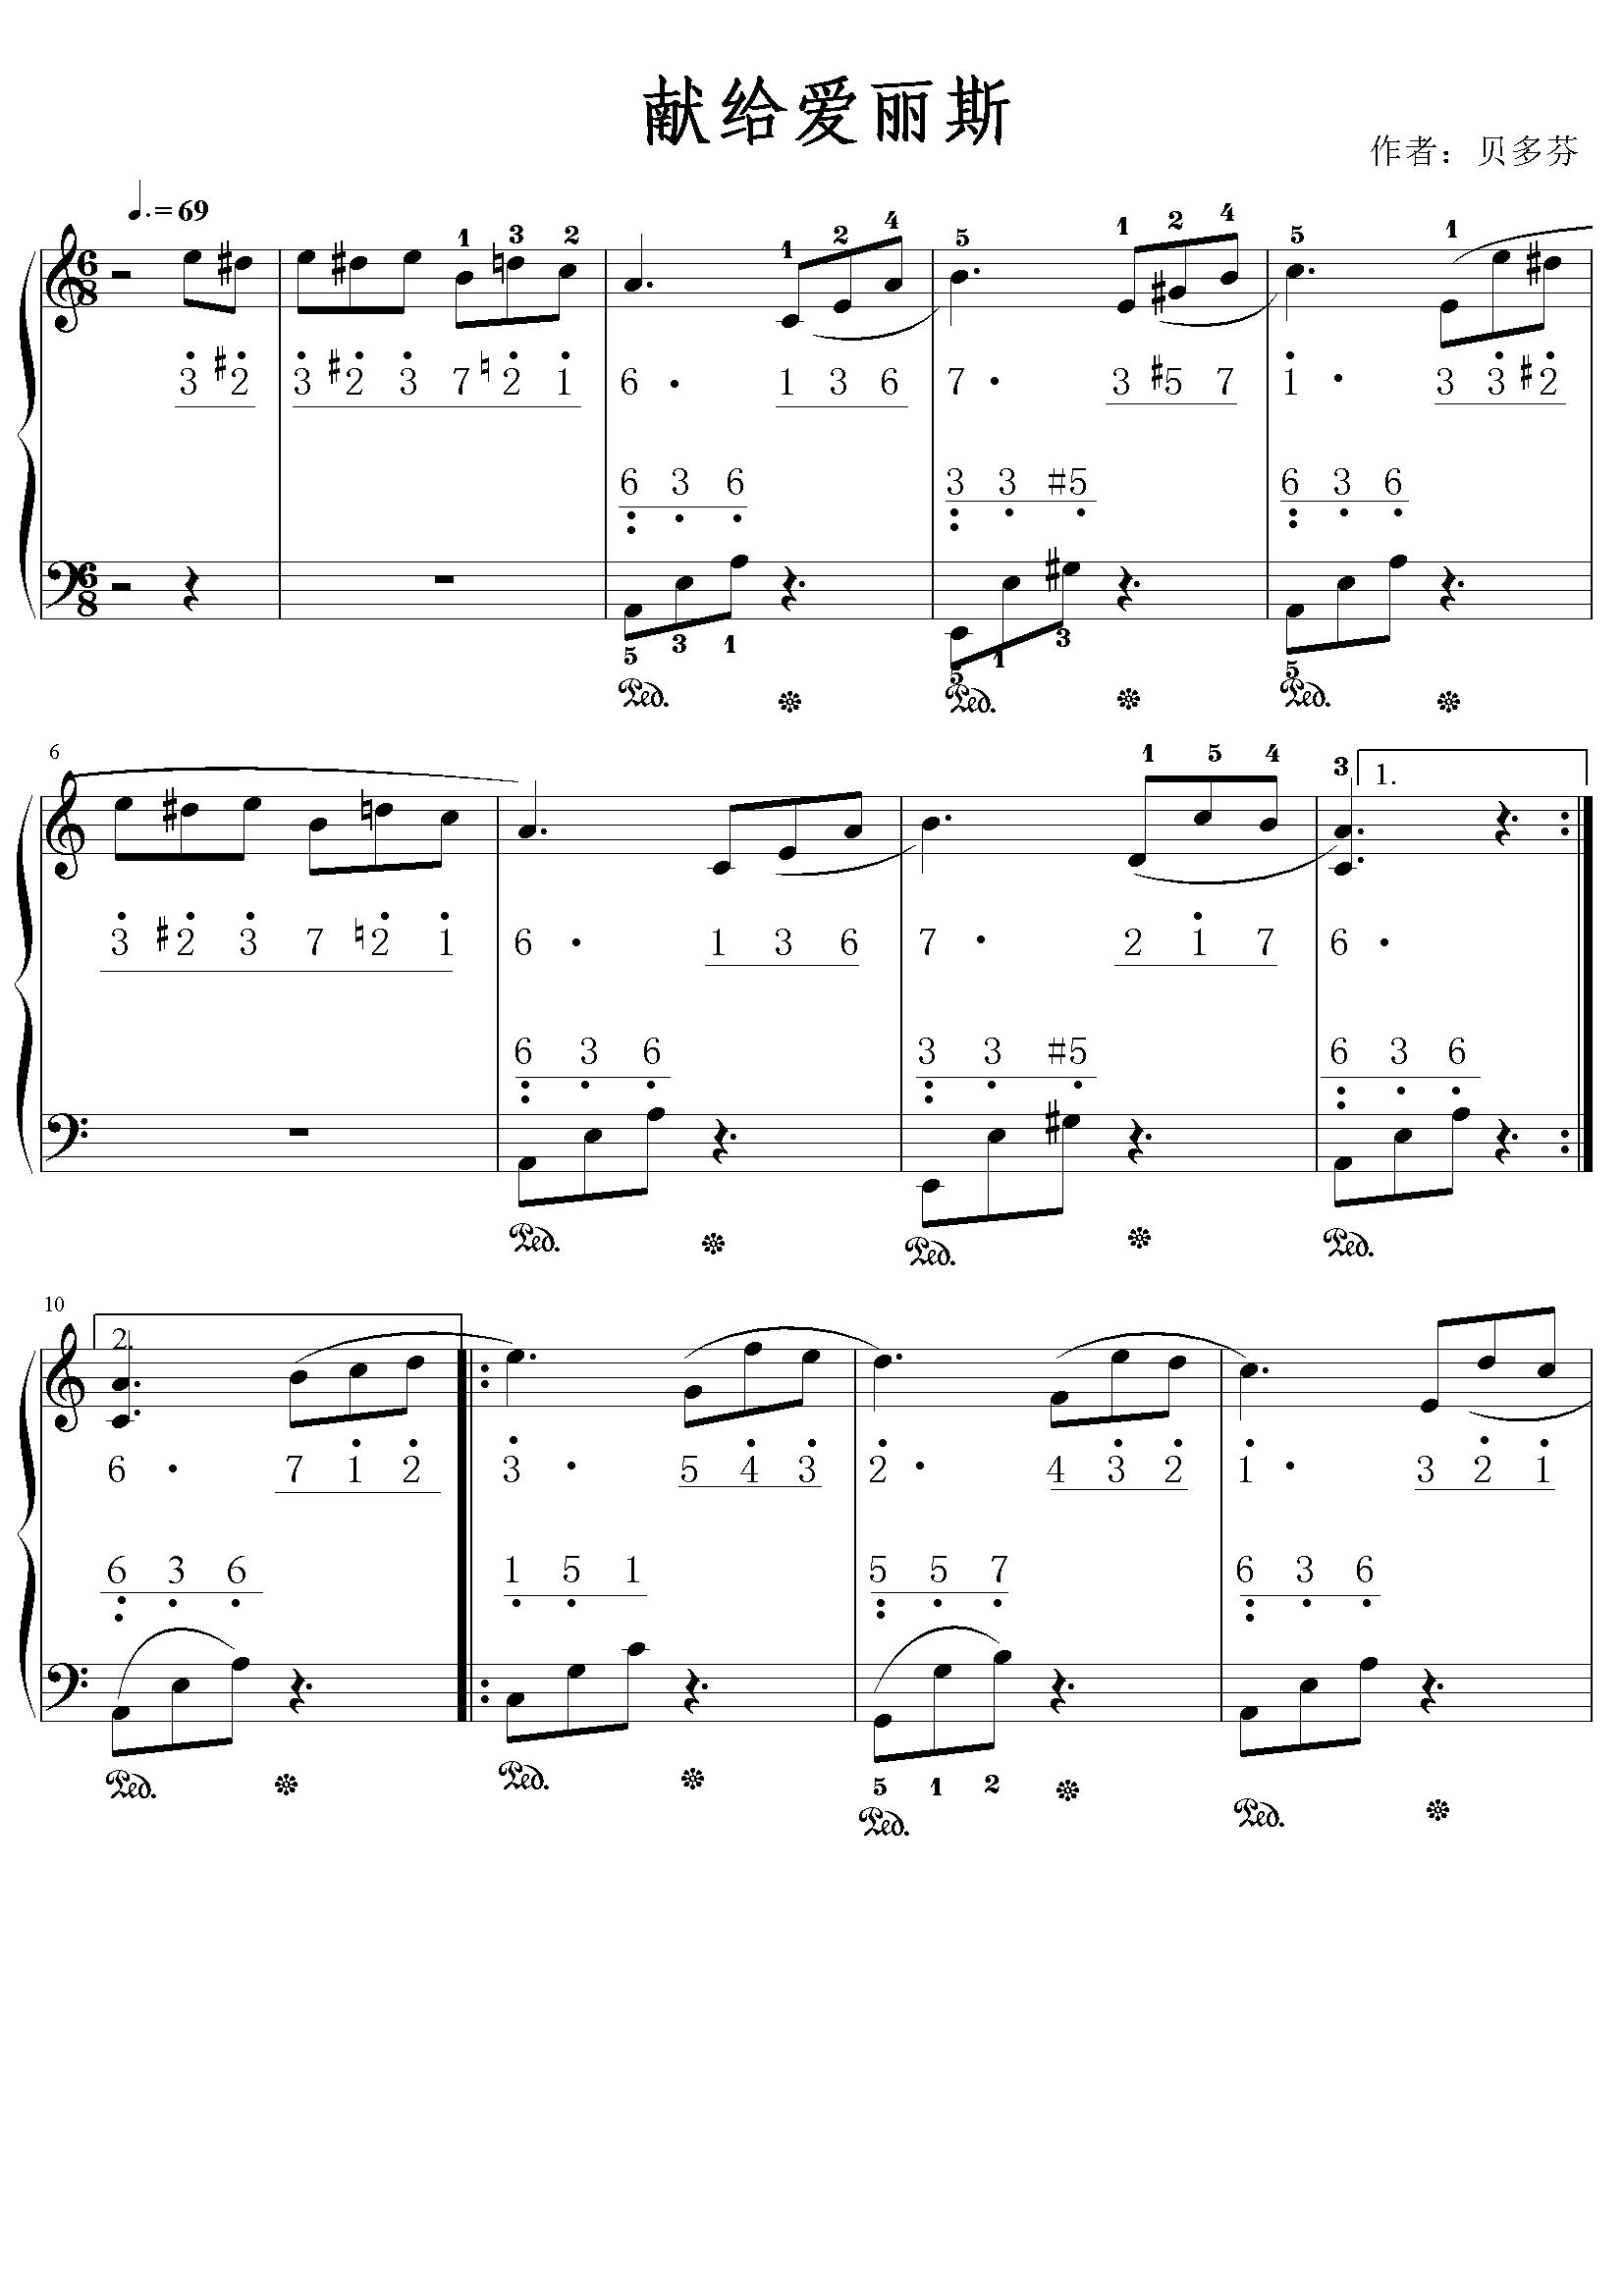 《献给爱丽丝》(五线谱、简谱)完整版